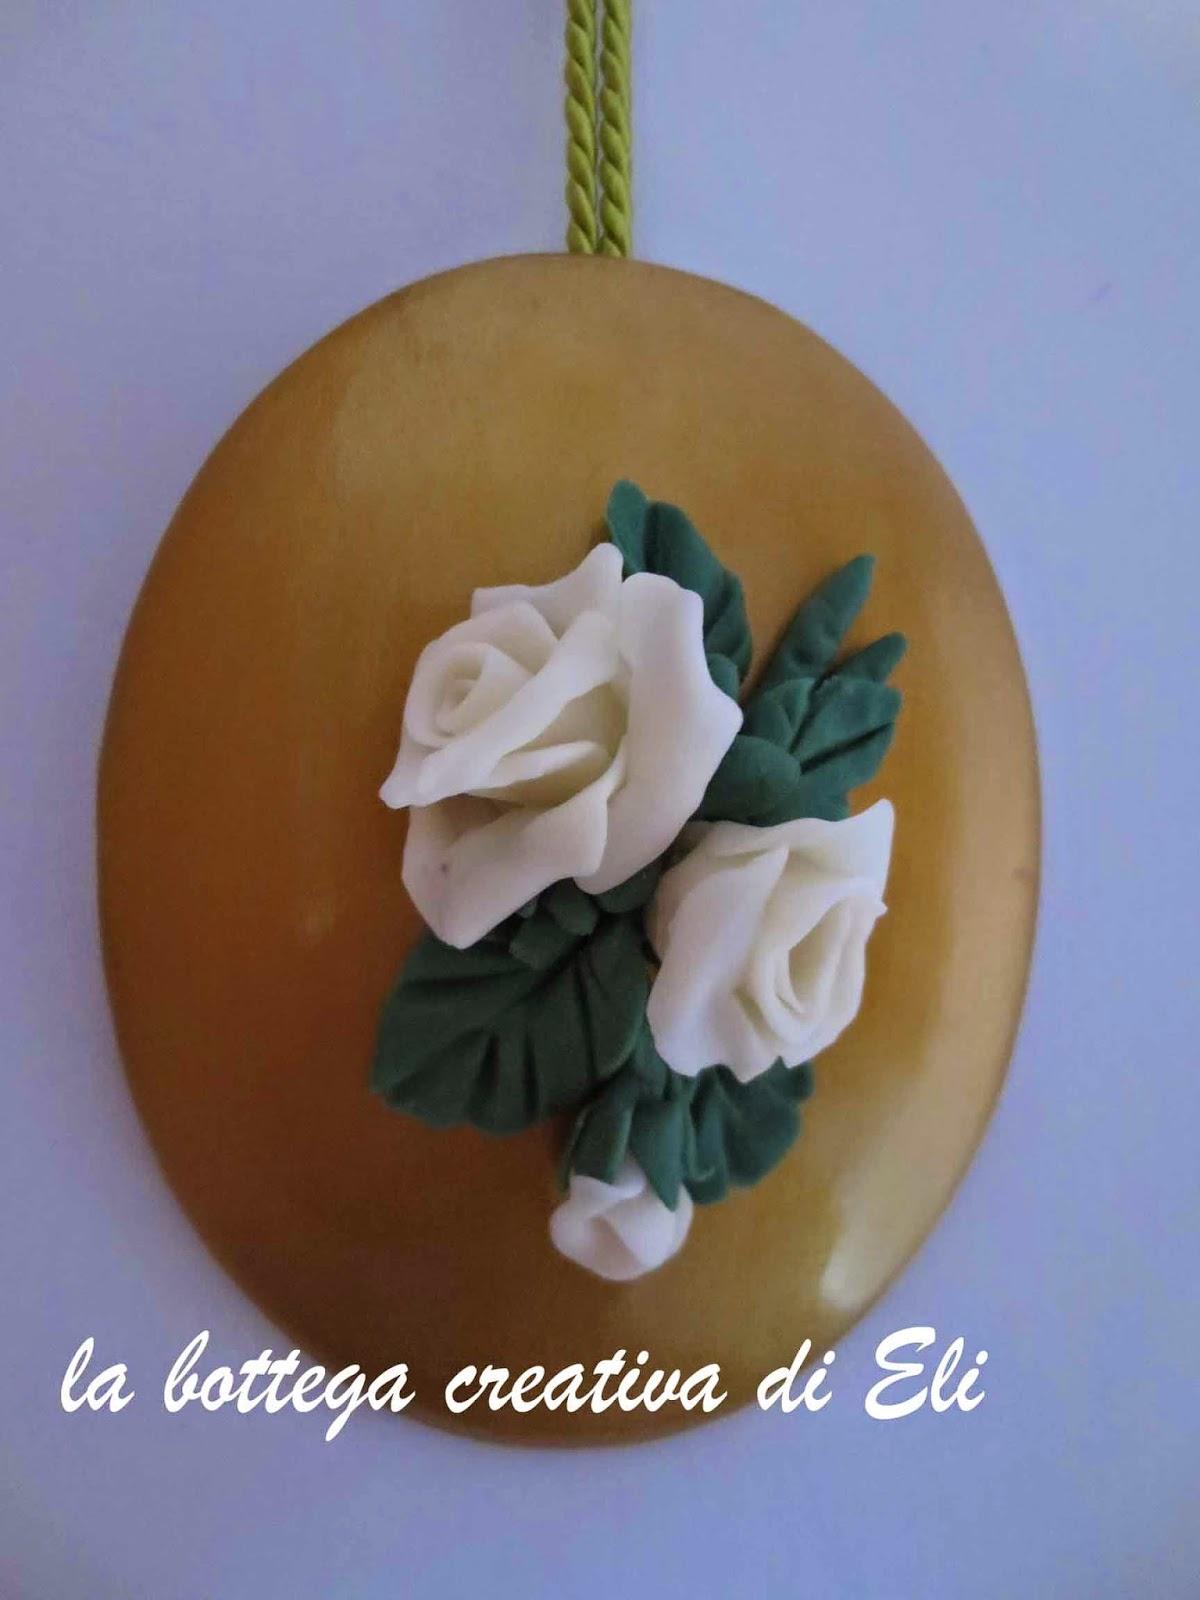 http://labottegacreativadieli.blogspot.it/2014/09/un-piccolo-ovale-con-le-rose-bianche-in-pasta-di-mais.html